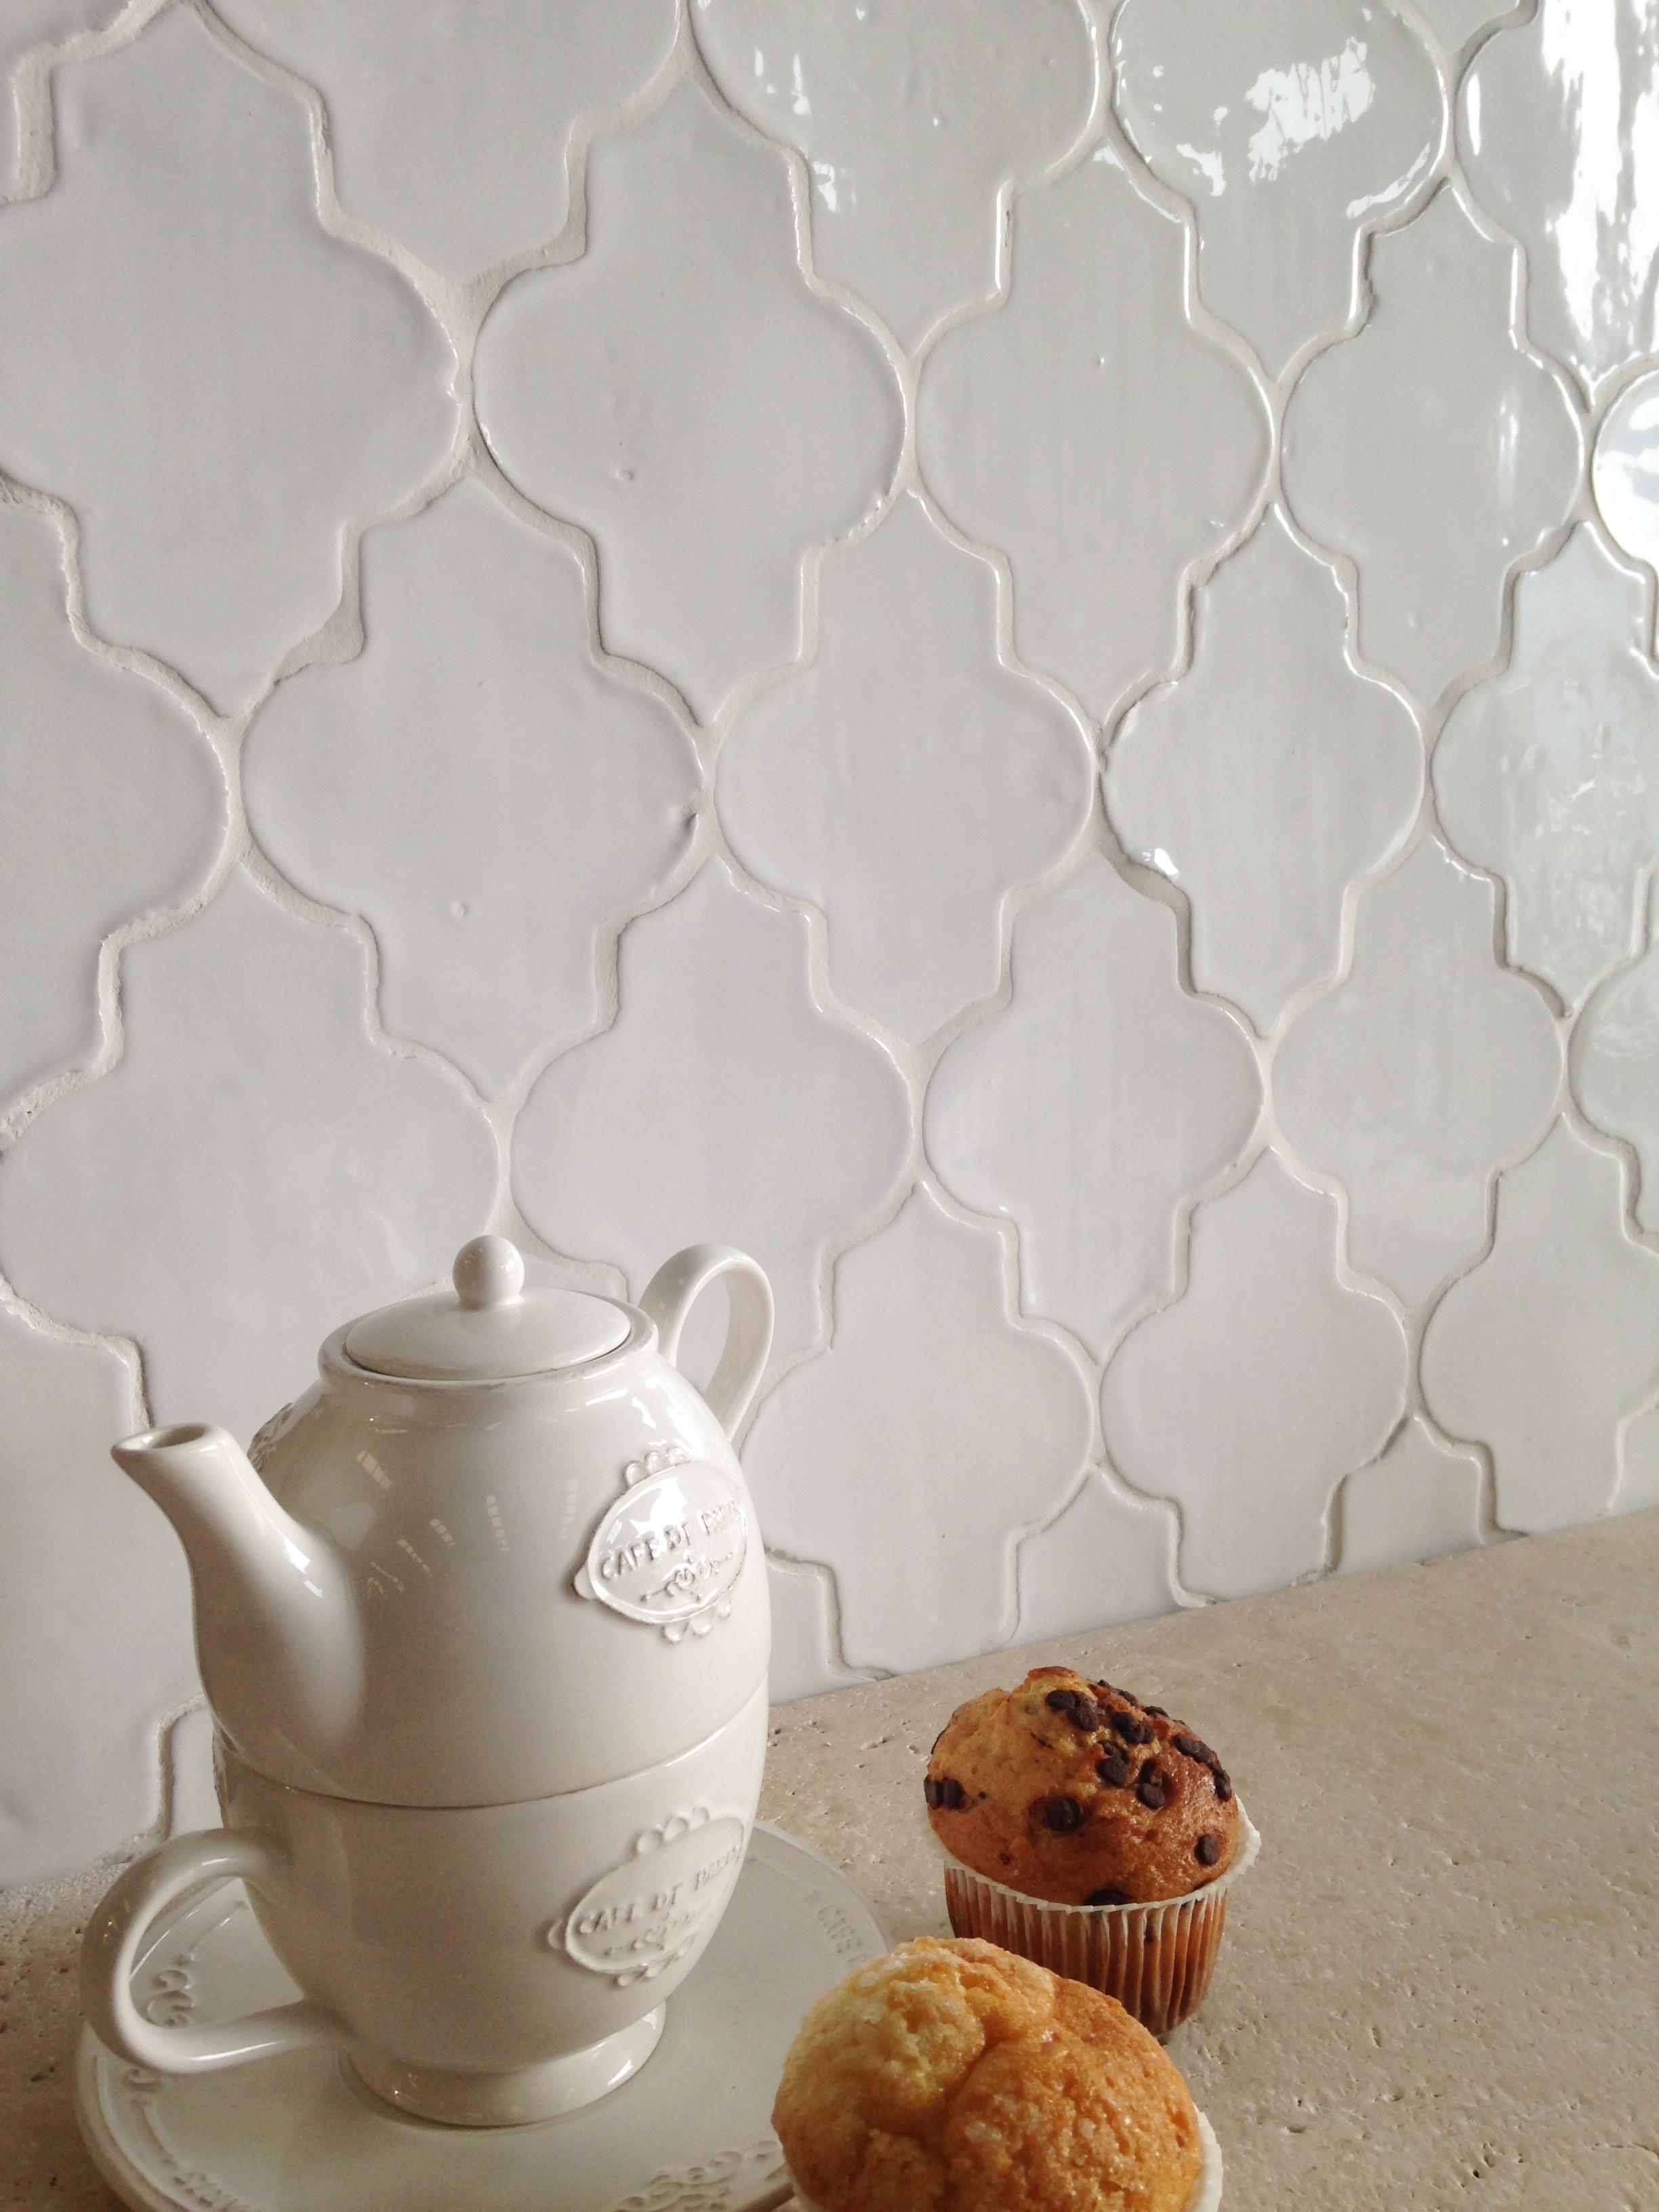 Cer mica esmaltada revestimientos de cer mica ateret for Ceramica fabricacion